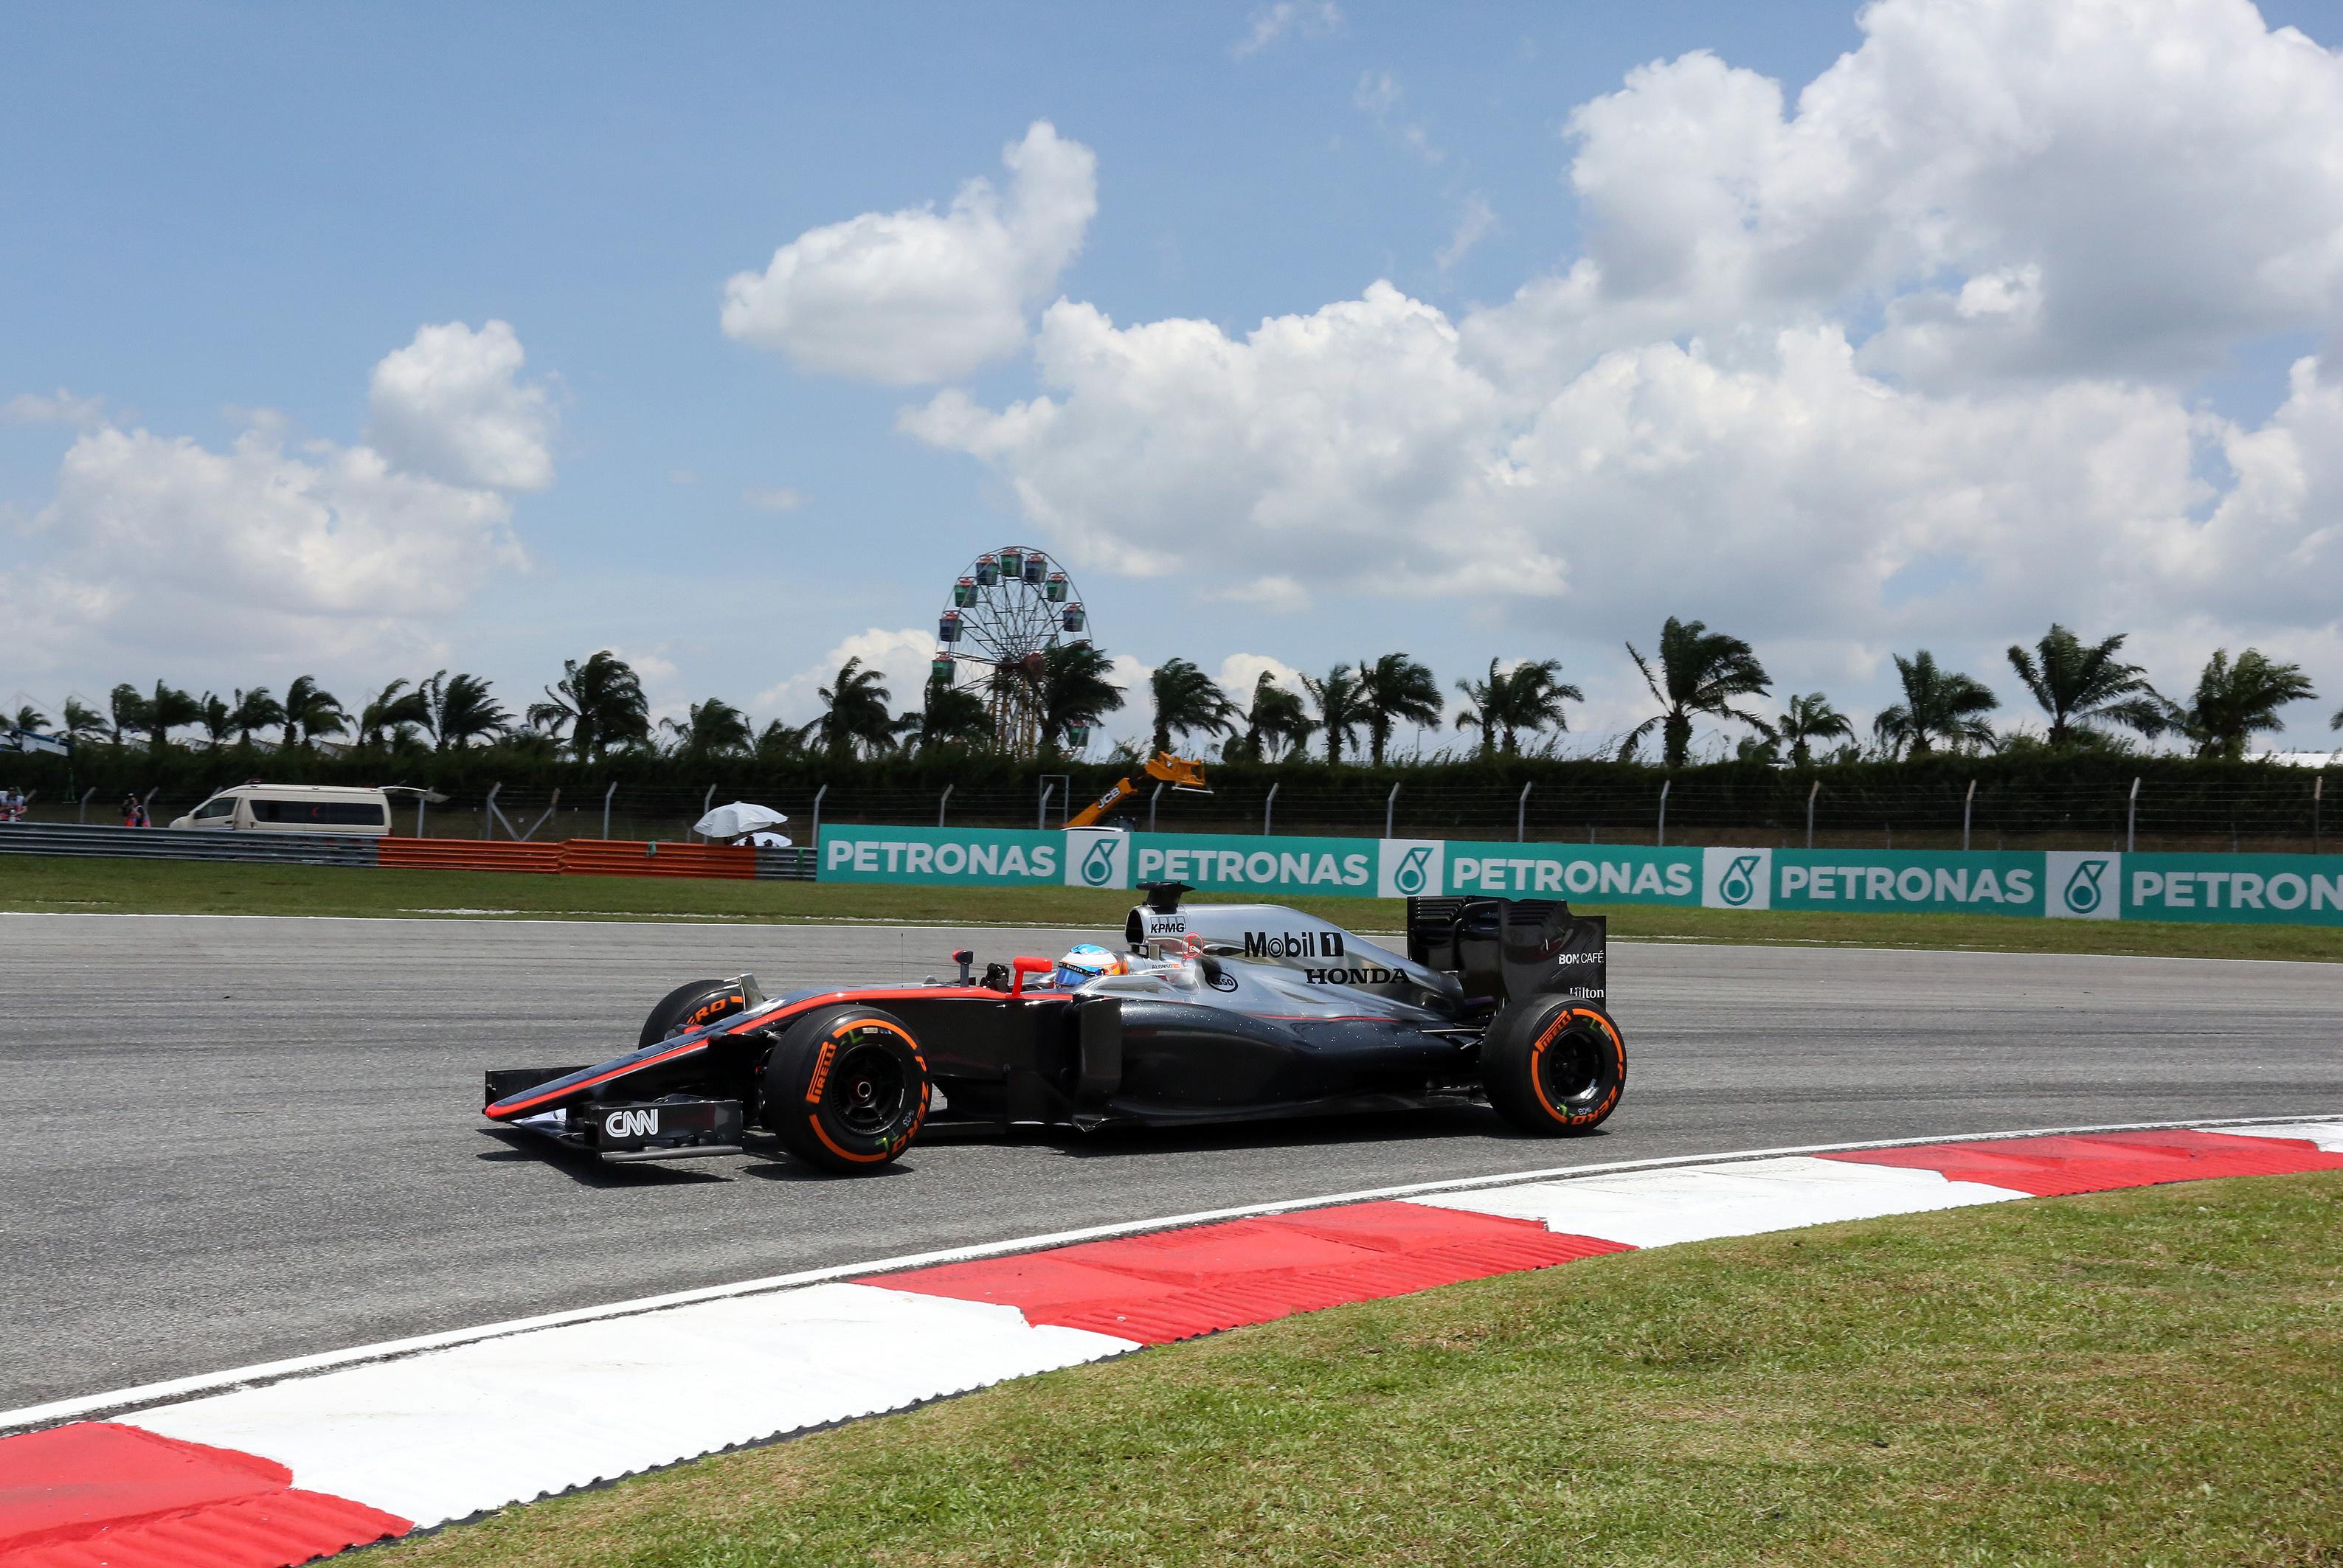 De McLaren-Honda in actie tijdens de F1-race in Maleisië. ©PPE/ddp/mspb/ Thomas Melzer